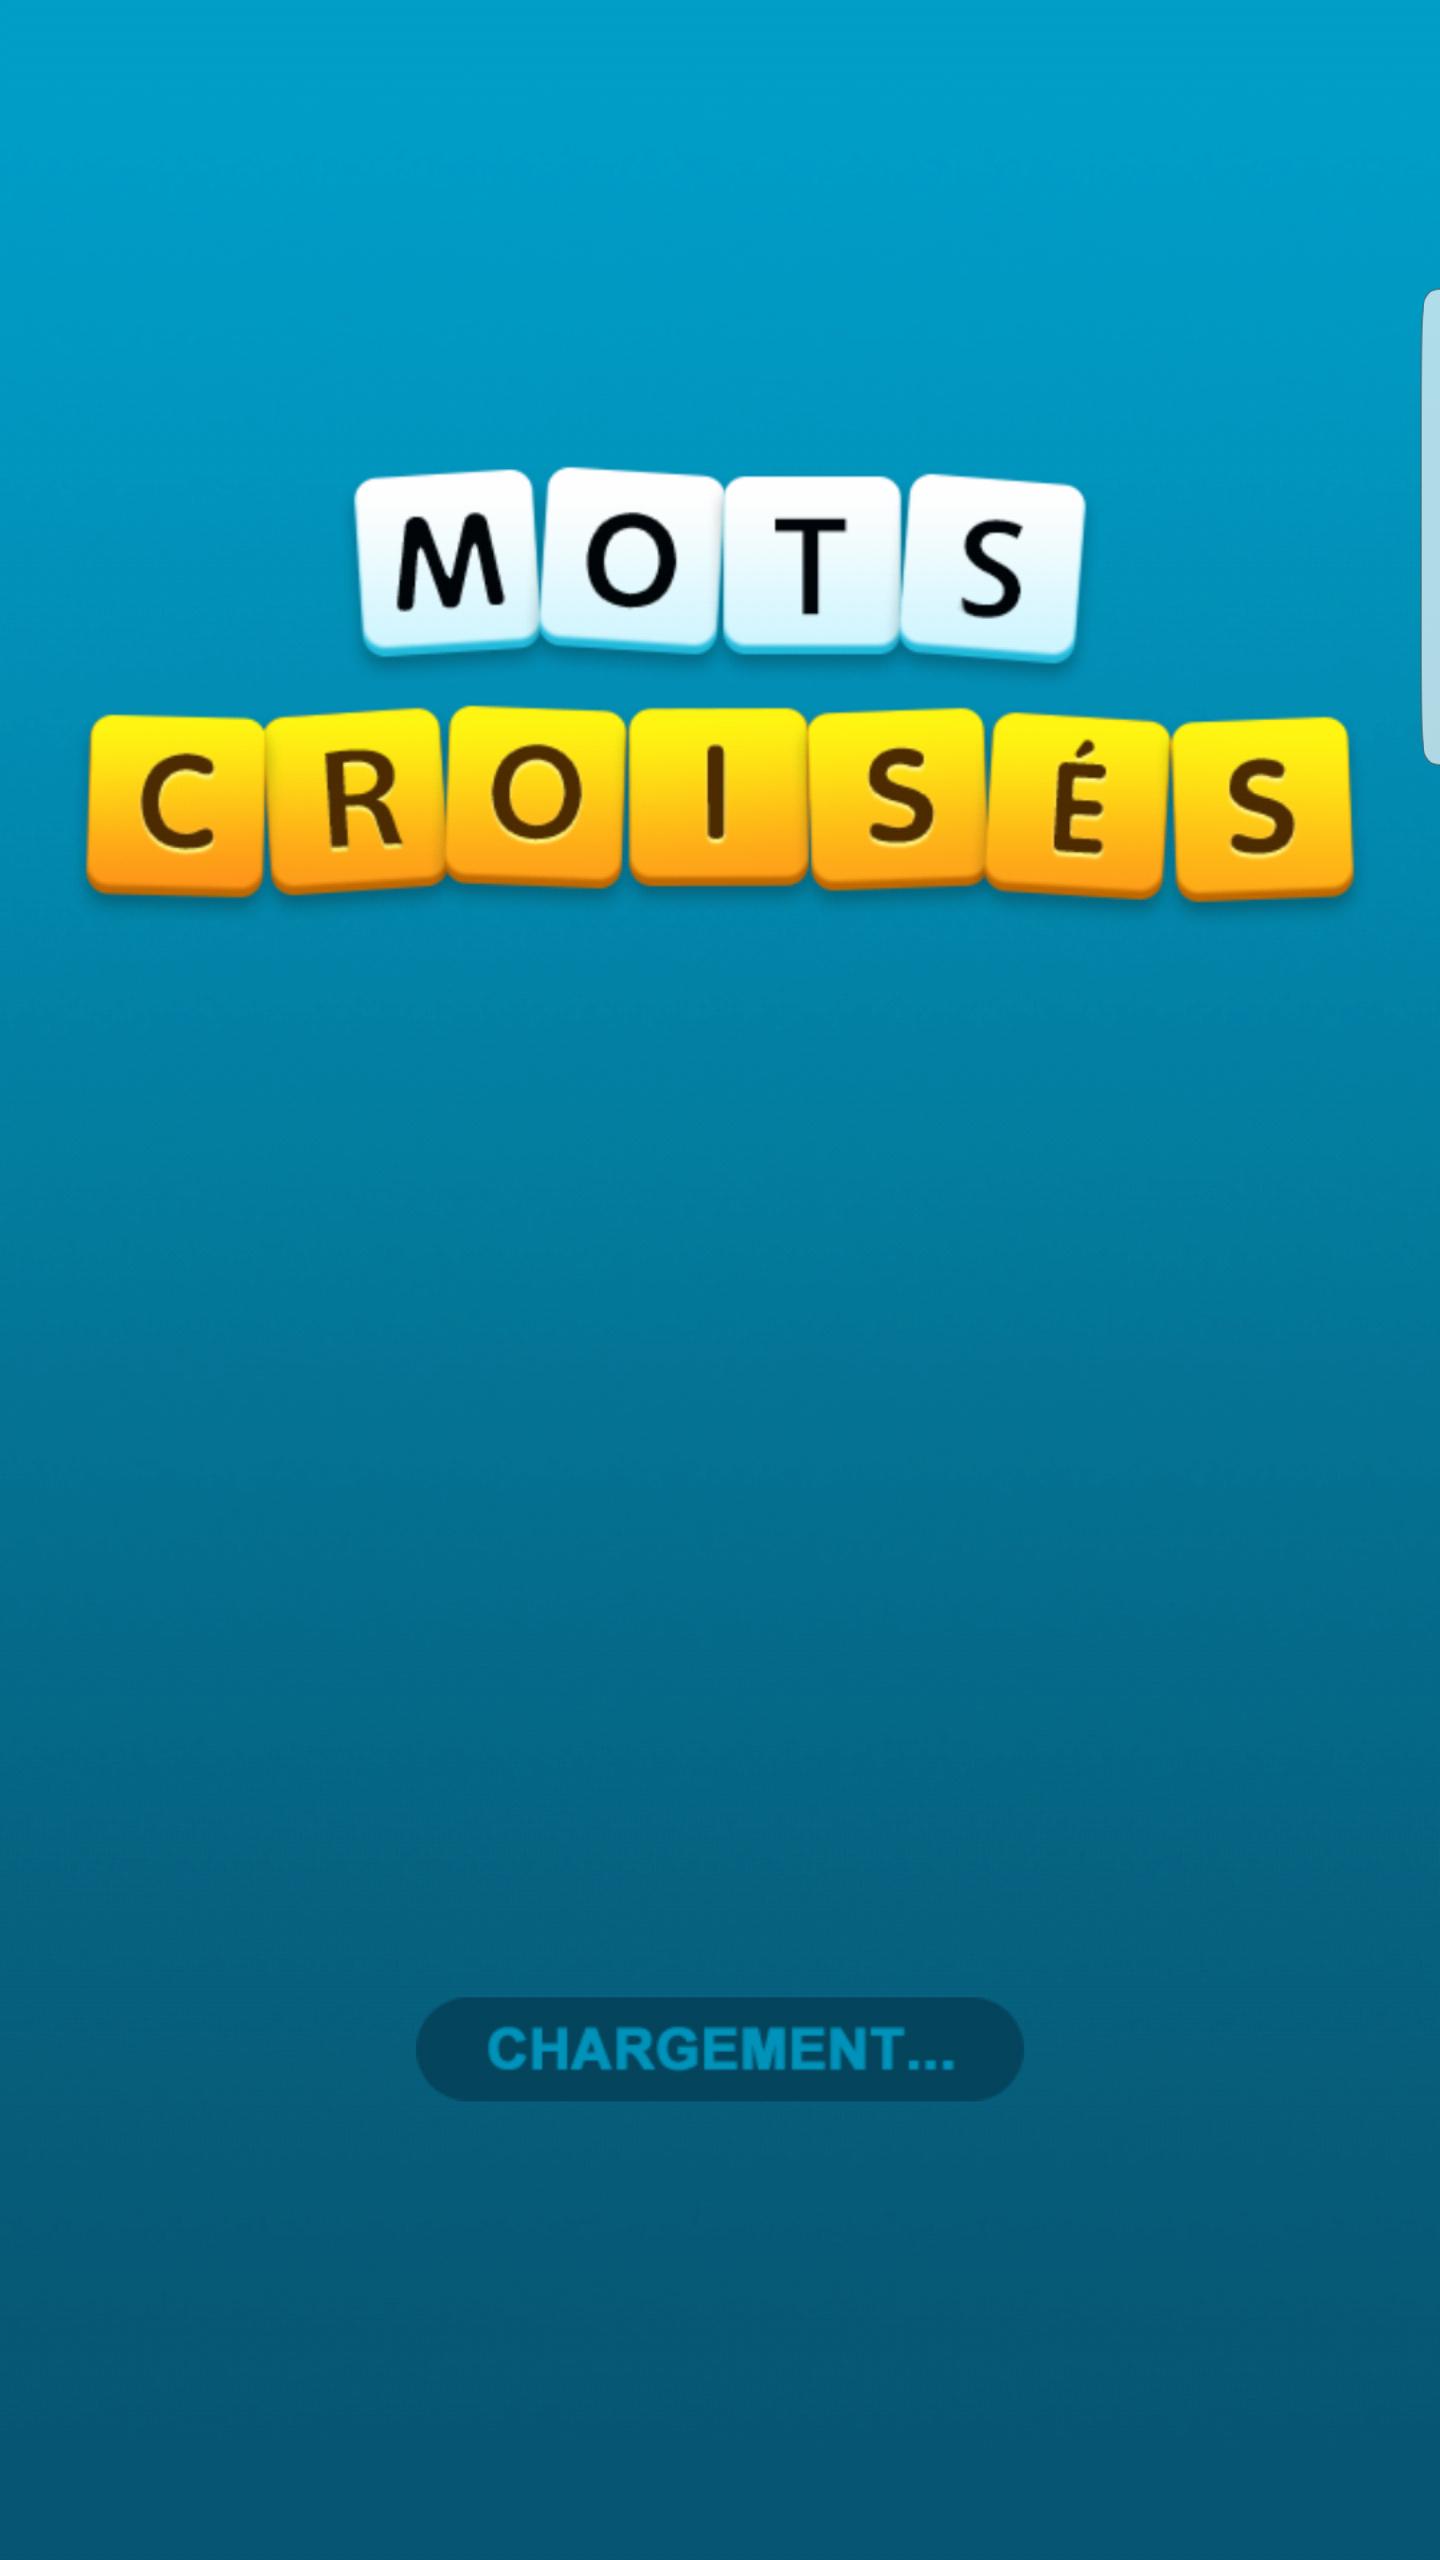 Mots Croisés Android 16/20 (Test, Photos) pour Telecharger Jeux Mots Fleches Gratuit